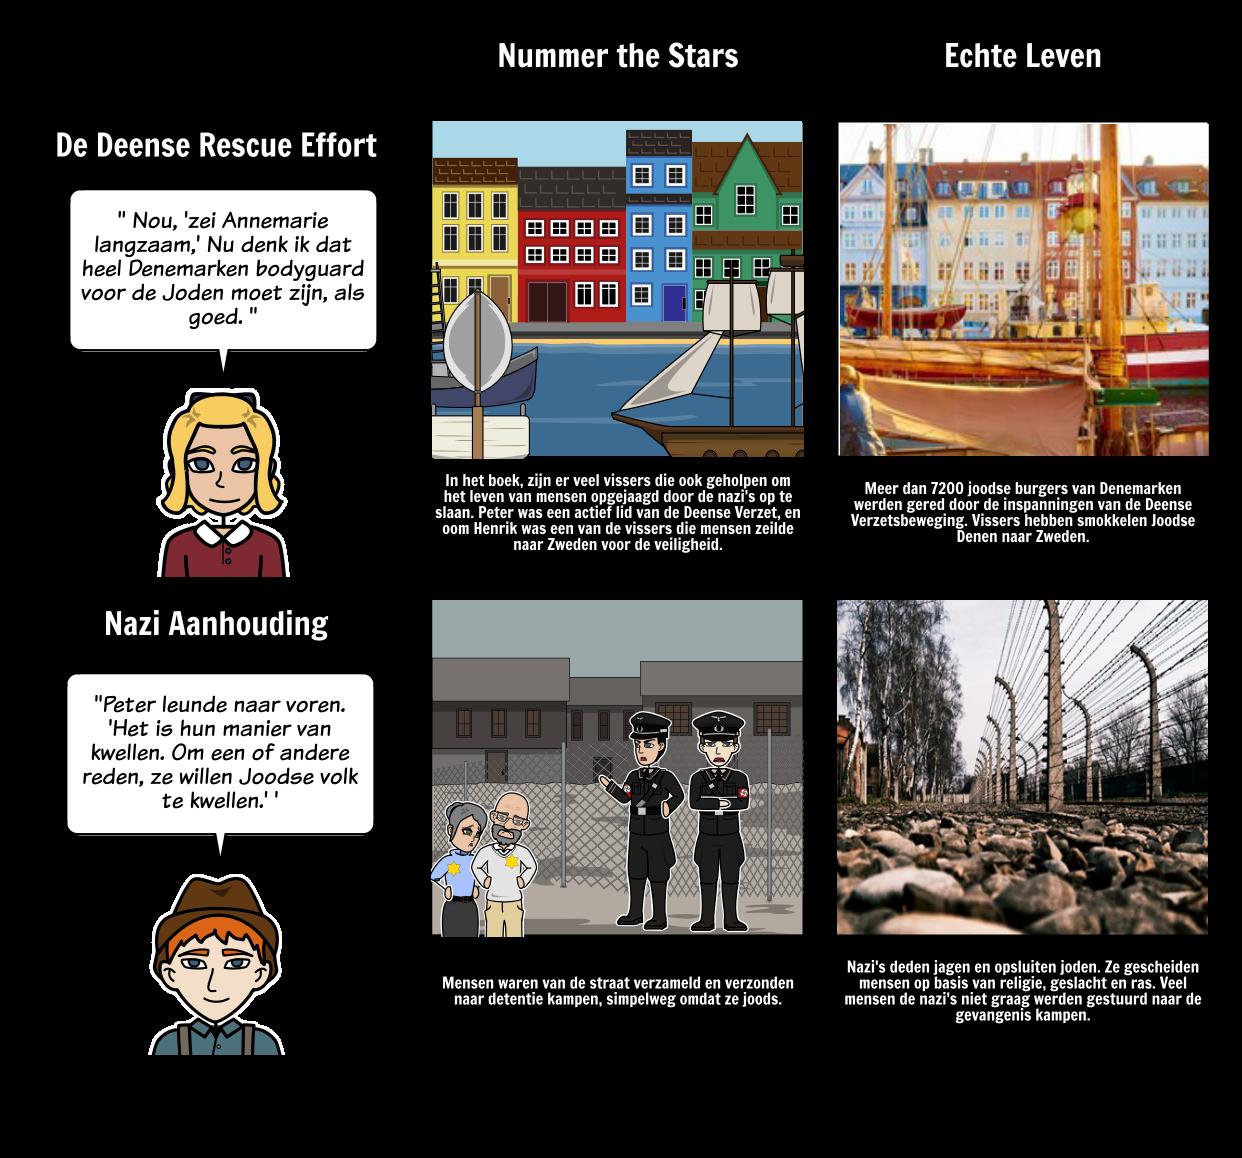 Nummer de Stars - Vergelijking van het Boek van Geschiedenis